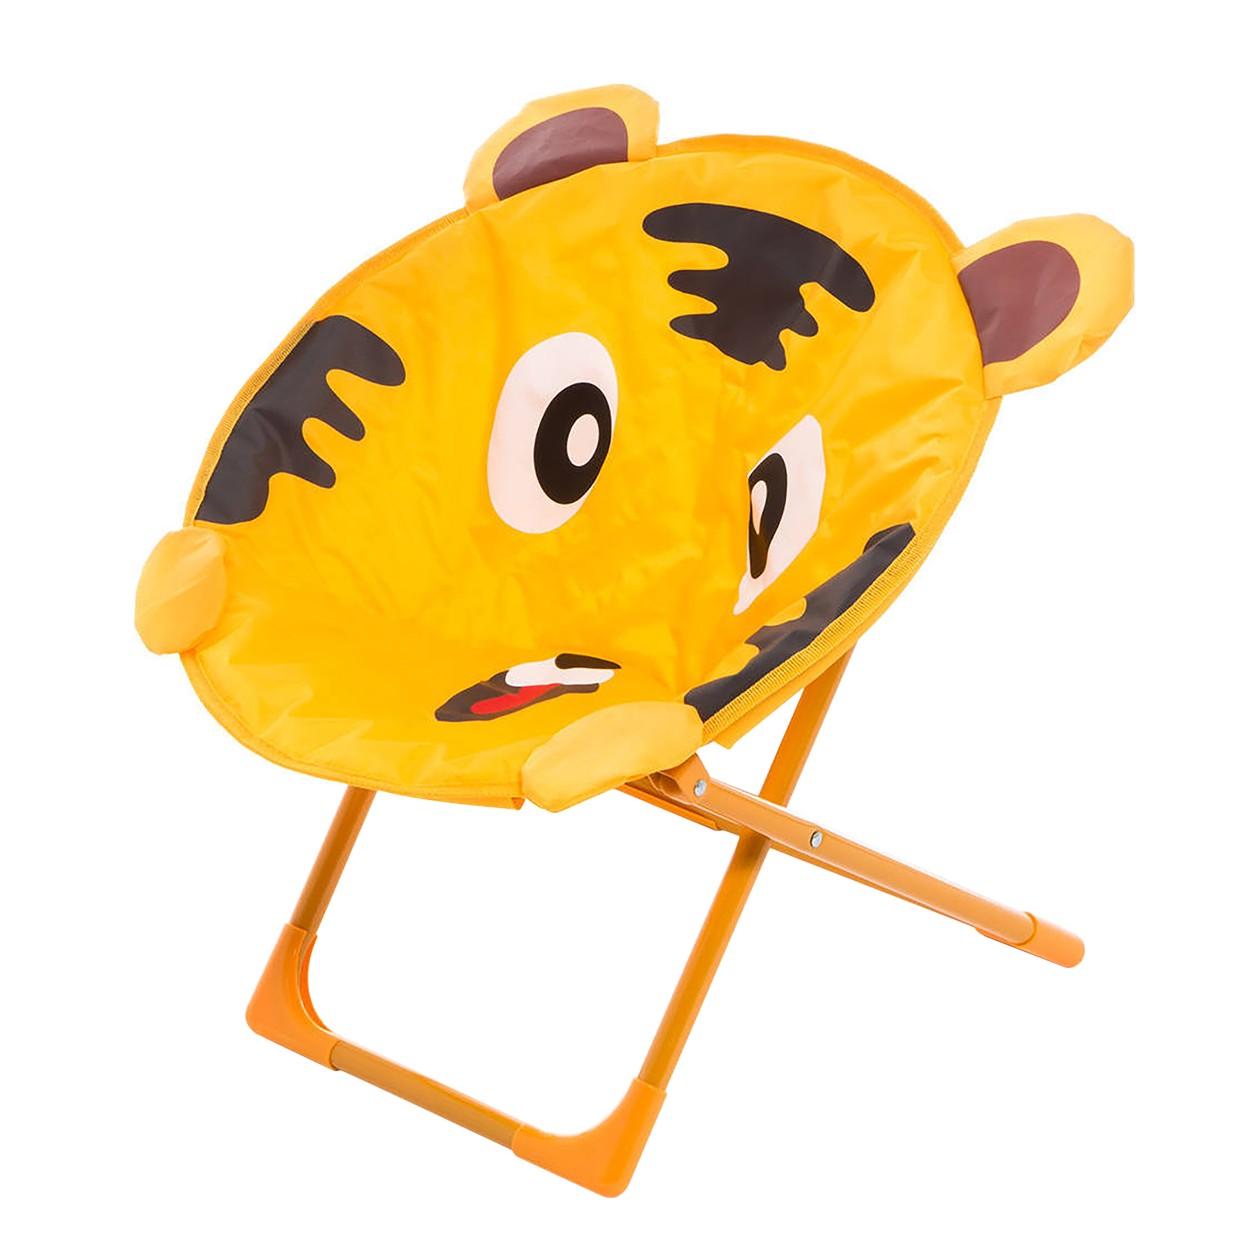 home24 Kinderstuhl Benjamin Tiger | Kinderzimmer > Kinderzimmerstühle | Kayoom